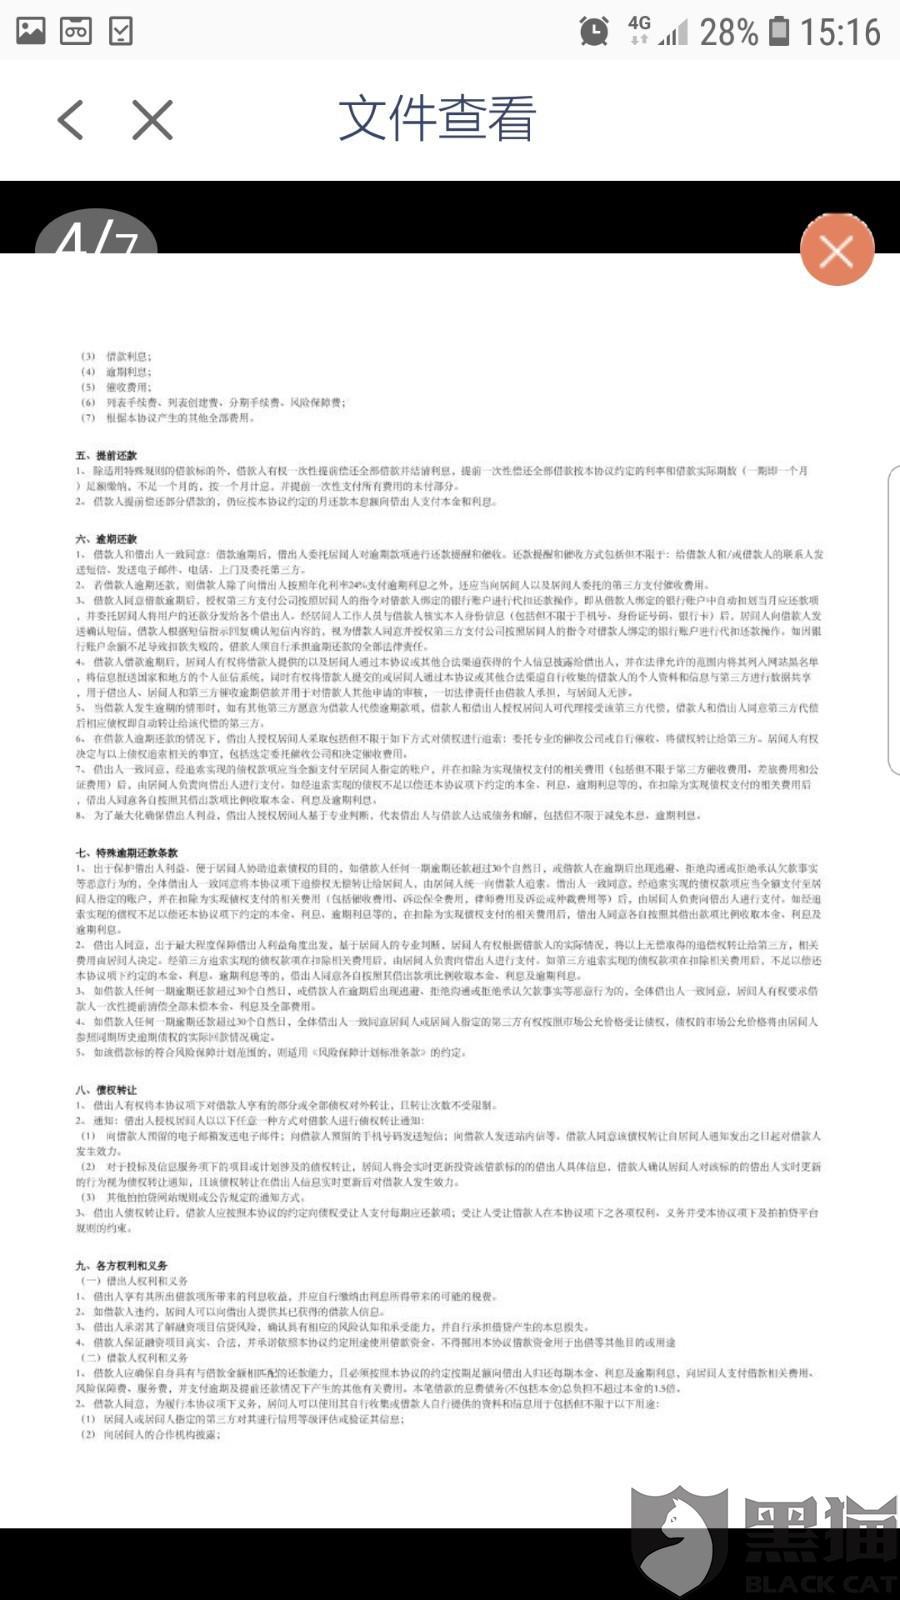 黑猫投诉:拍拍贷网络借款涉嫌存在阴阳合同欺诈